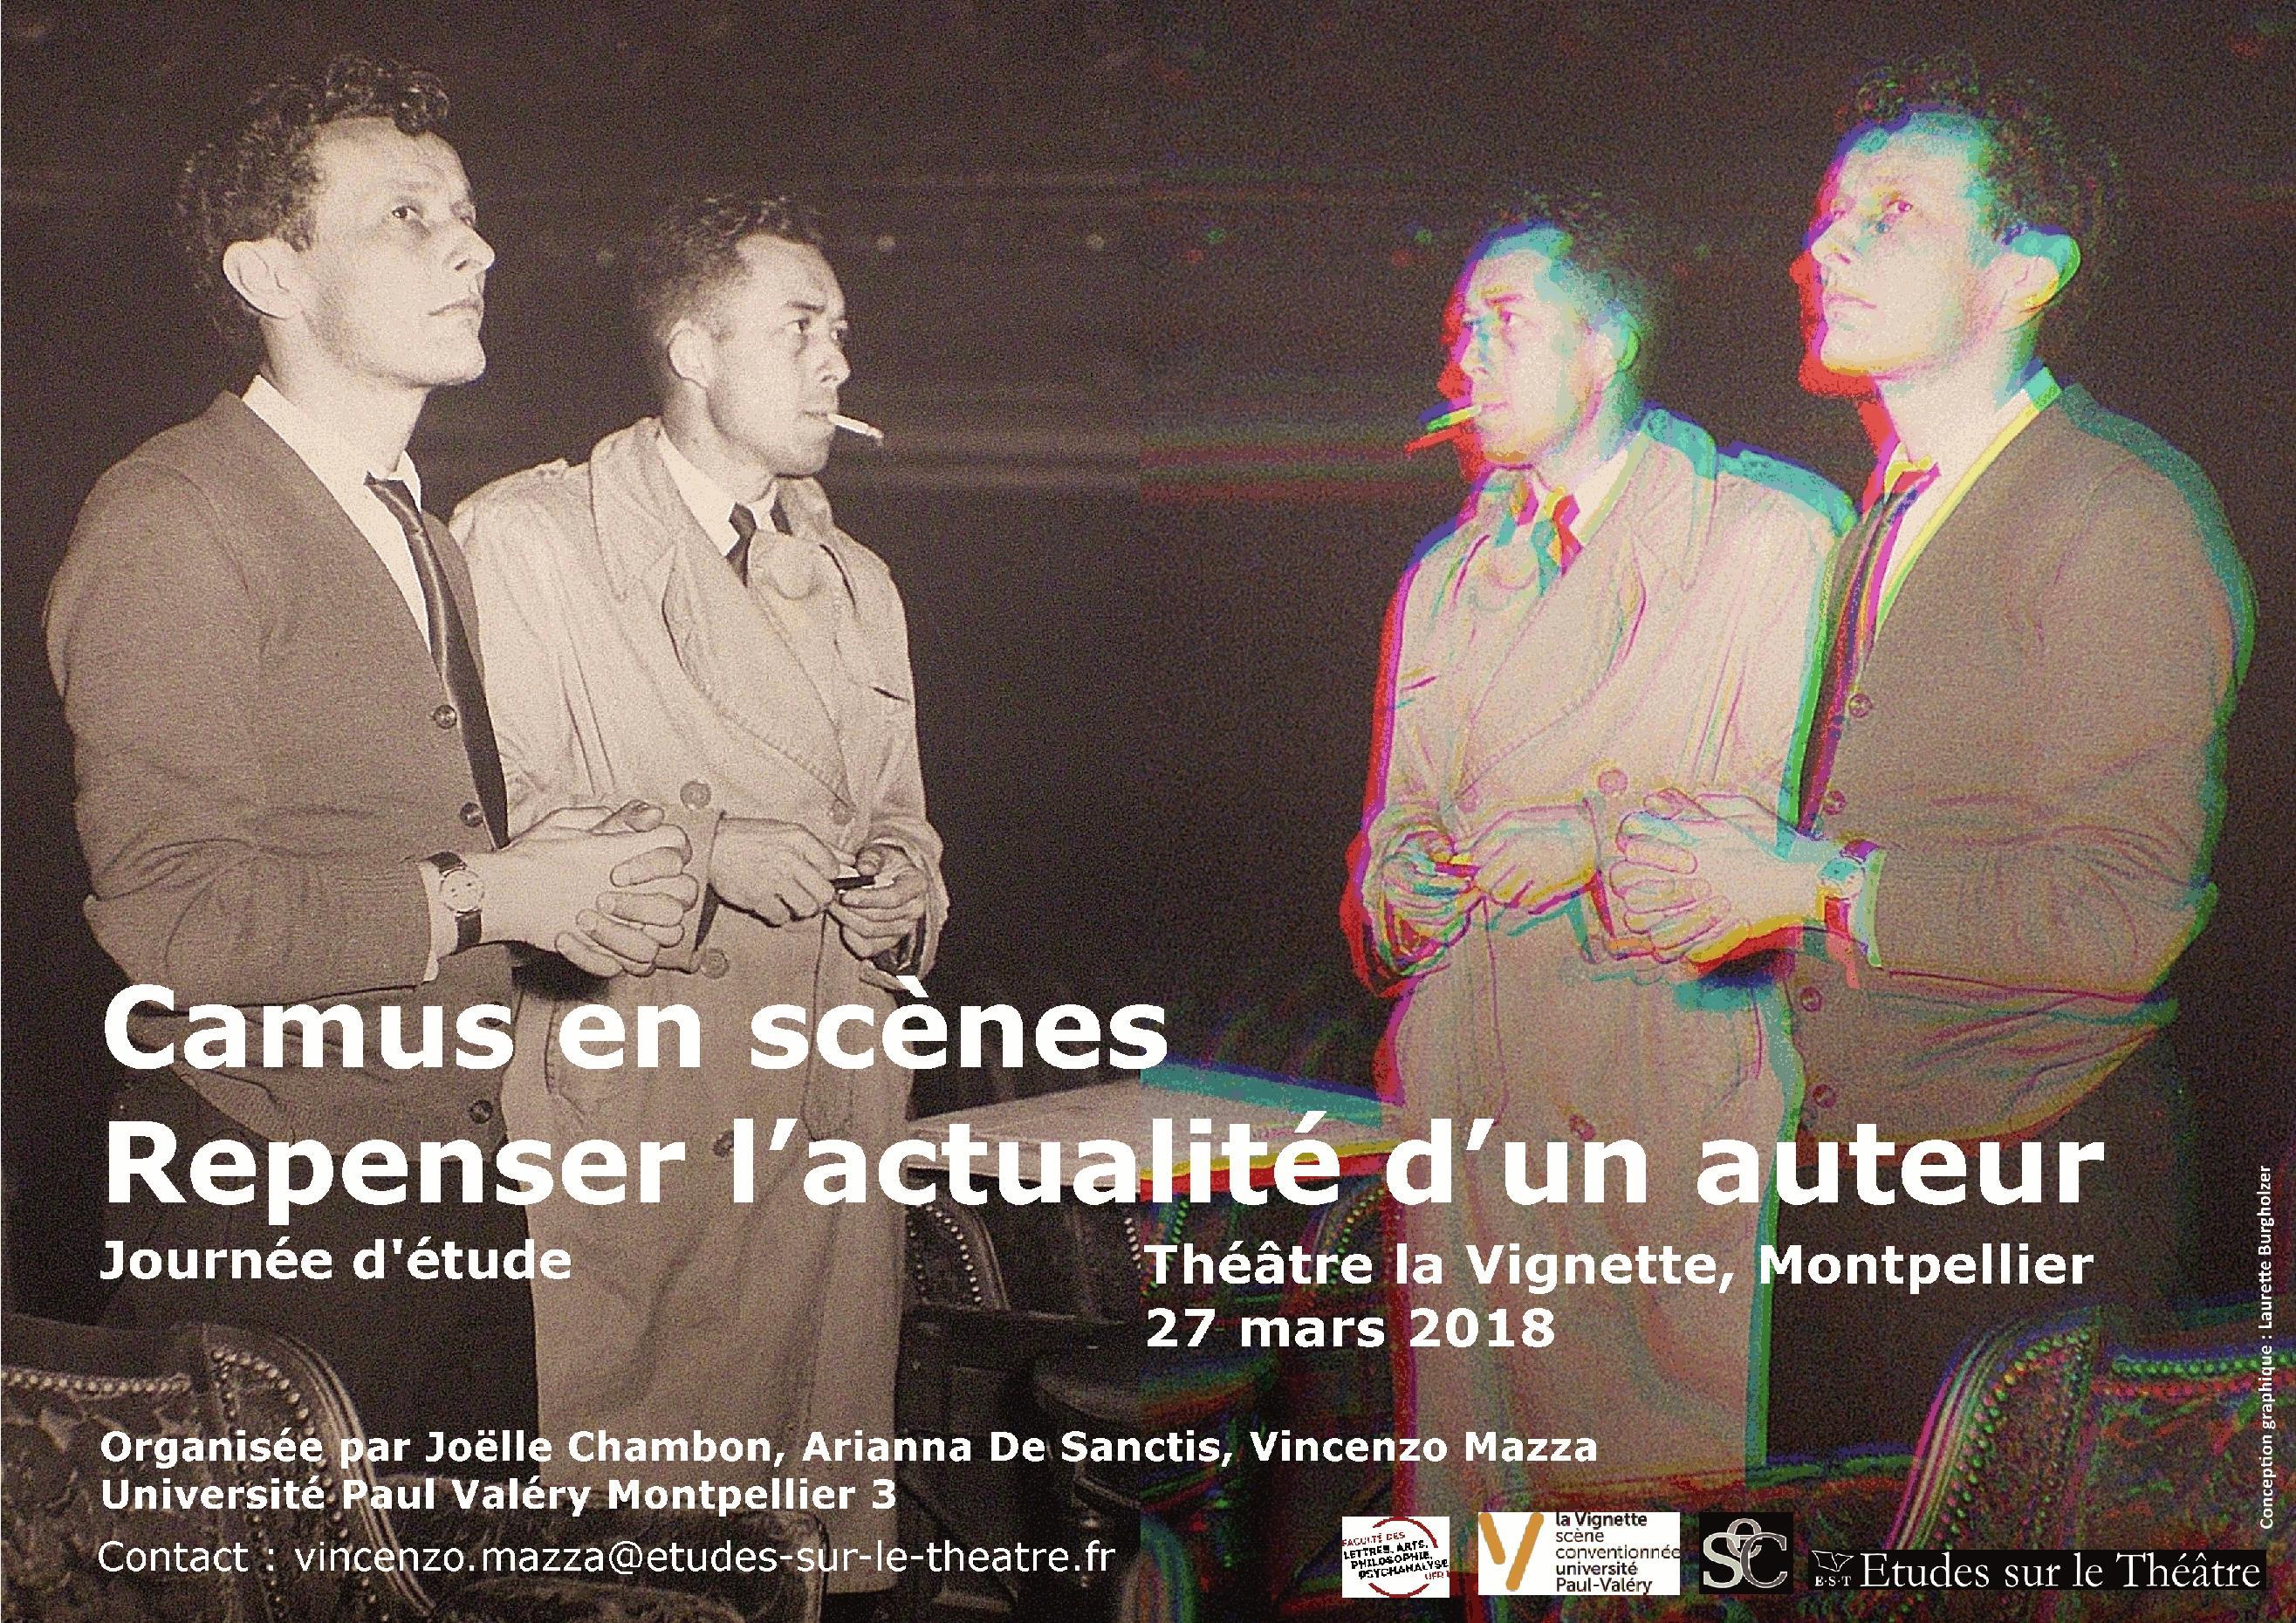 Camus en scènes. Repenser l'actualité d'un auteur (Montpellier)